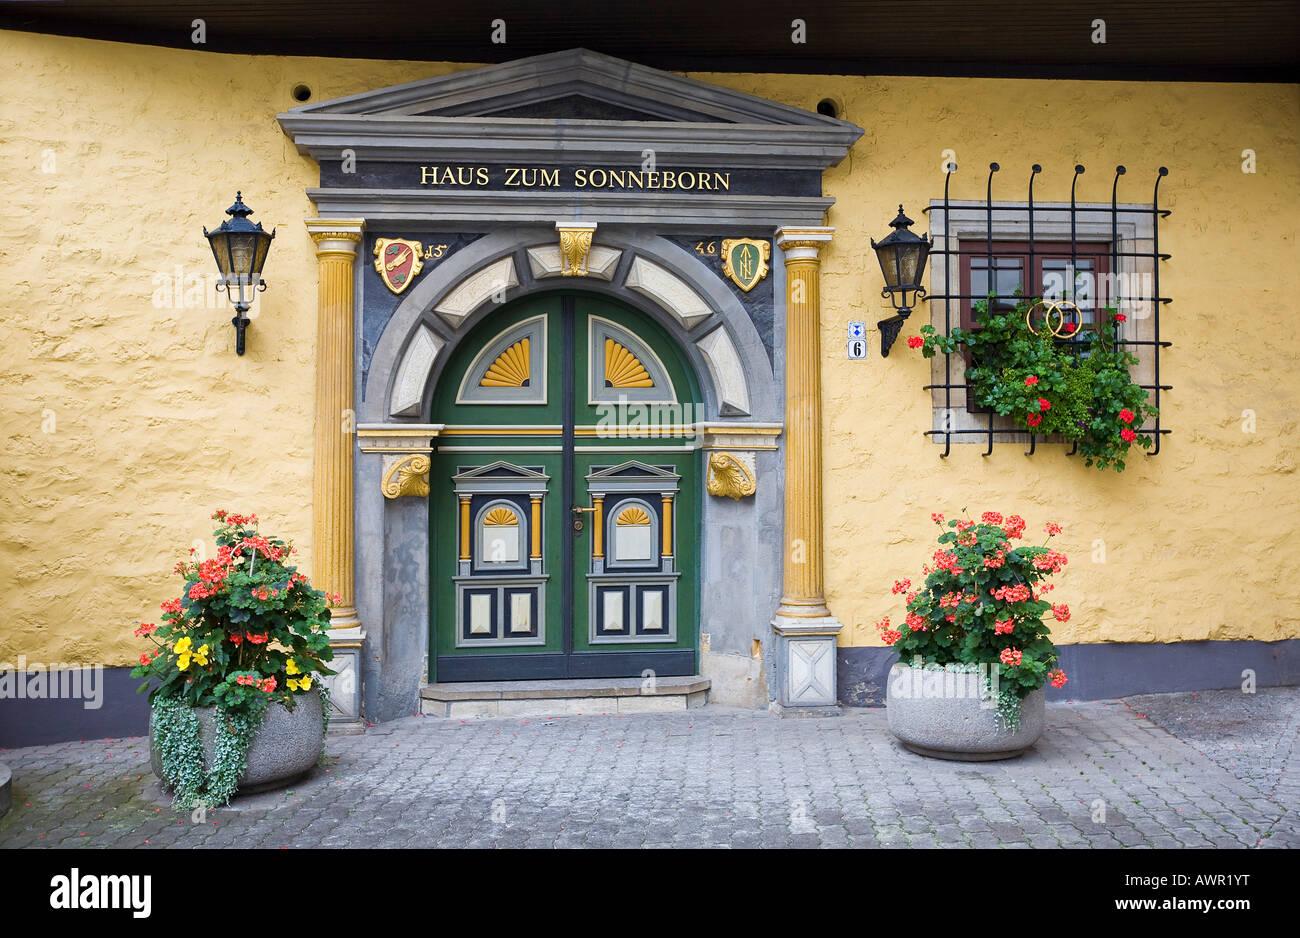 haus zum sonneborn historisches haus errichtet 1536 momentan benutzt als ein standesamt in. Black Bedroom Furniture Sets. Home Design Ideas